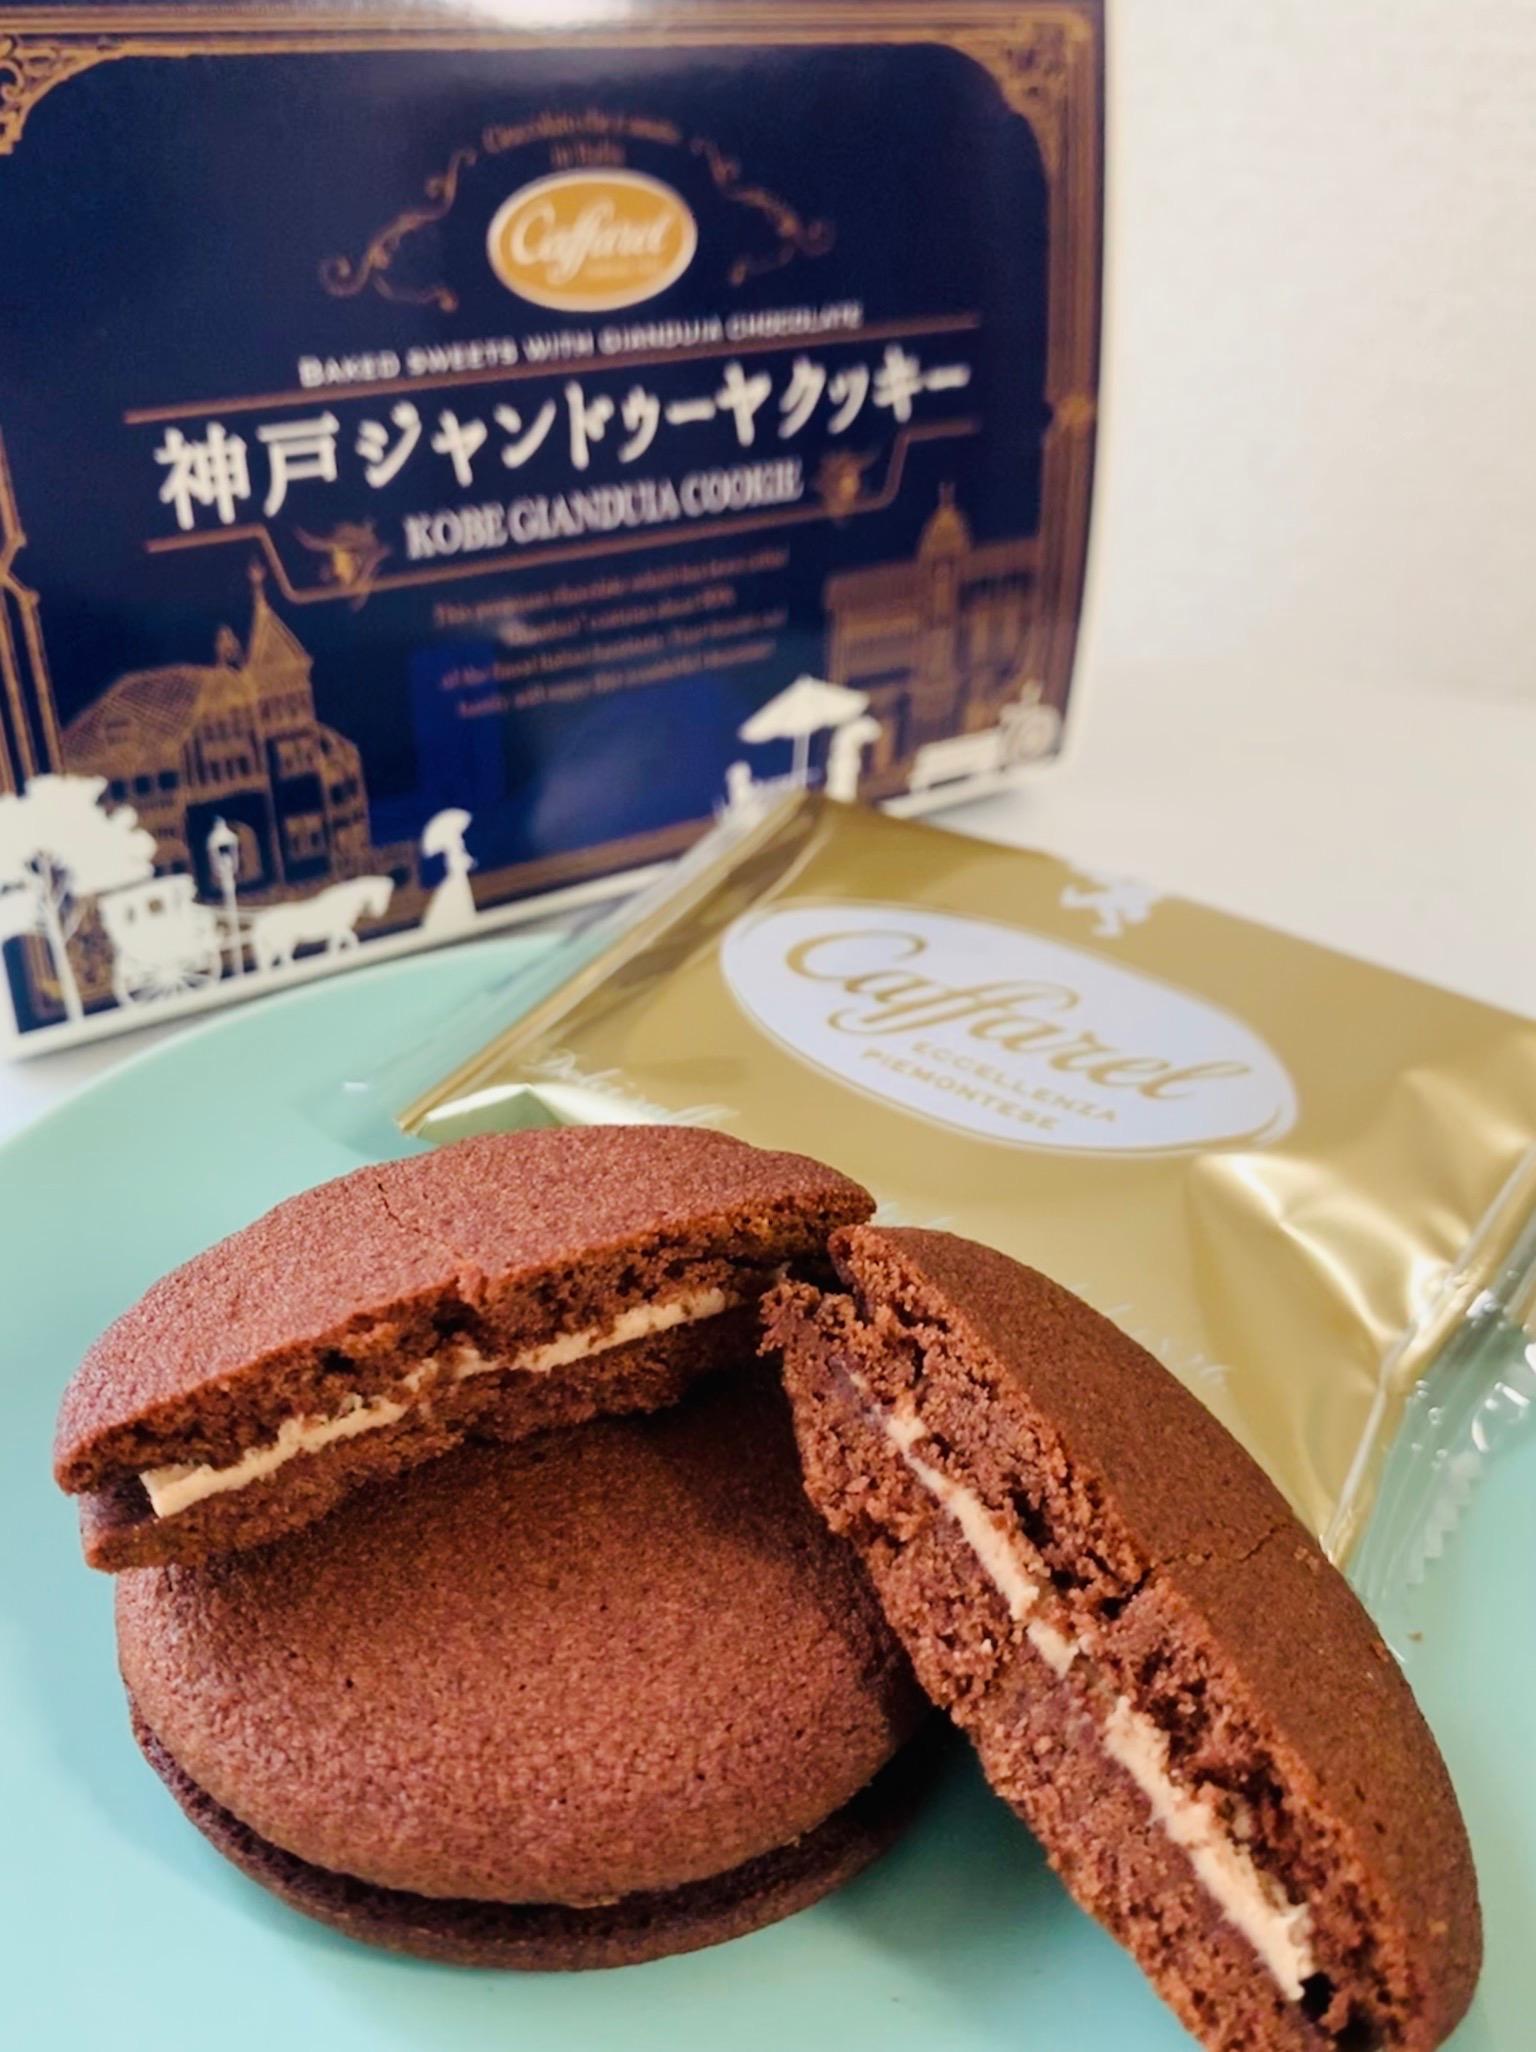 チョコレートの老舗カファレルが作る神戸ジャンドゥーヤクッキー